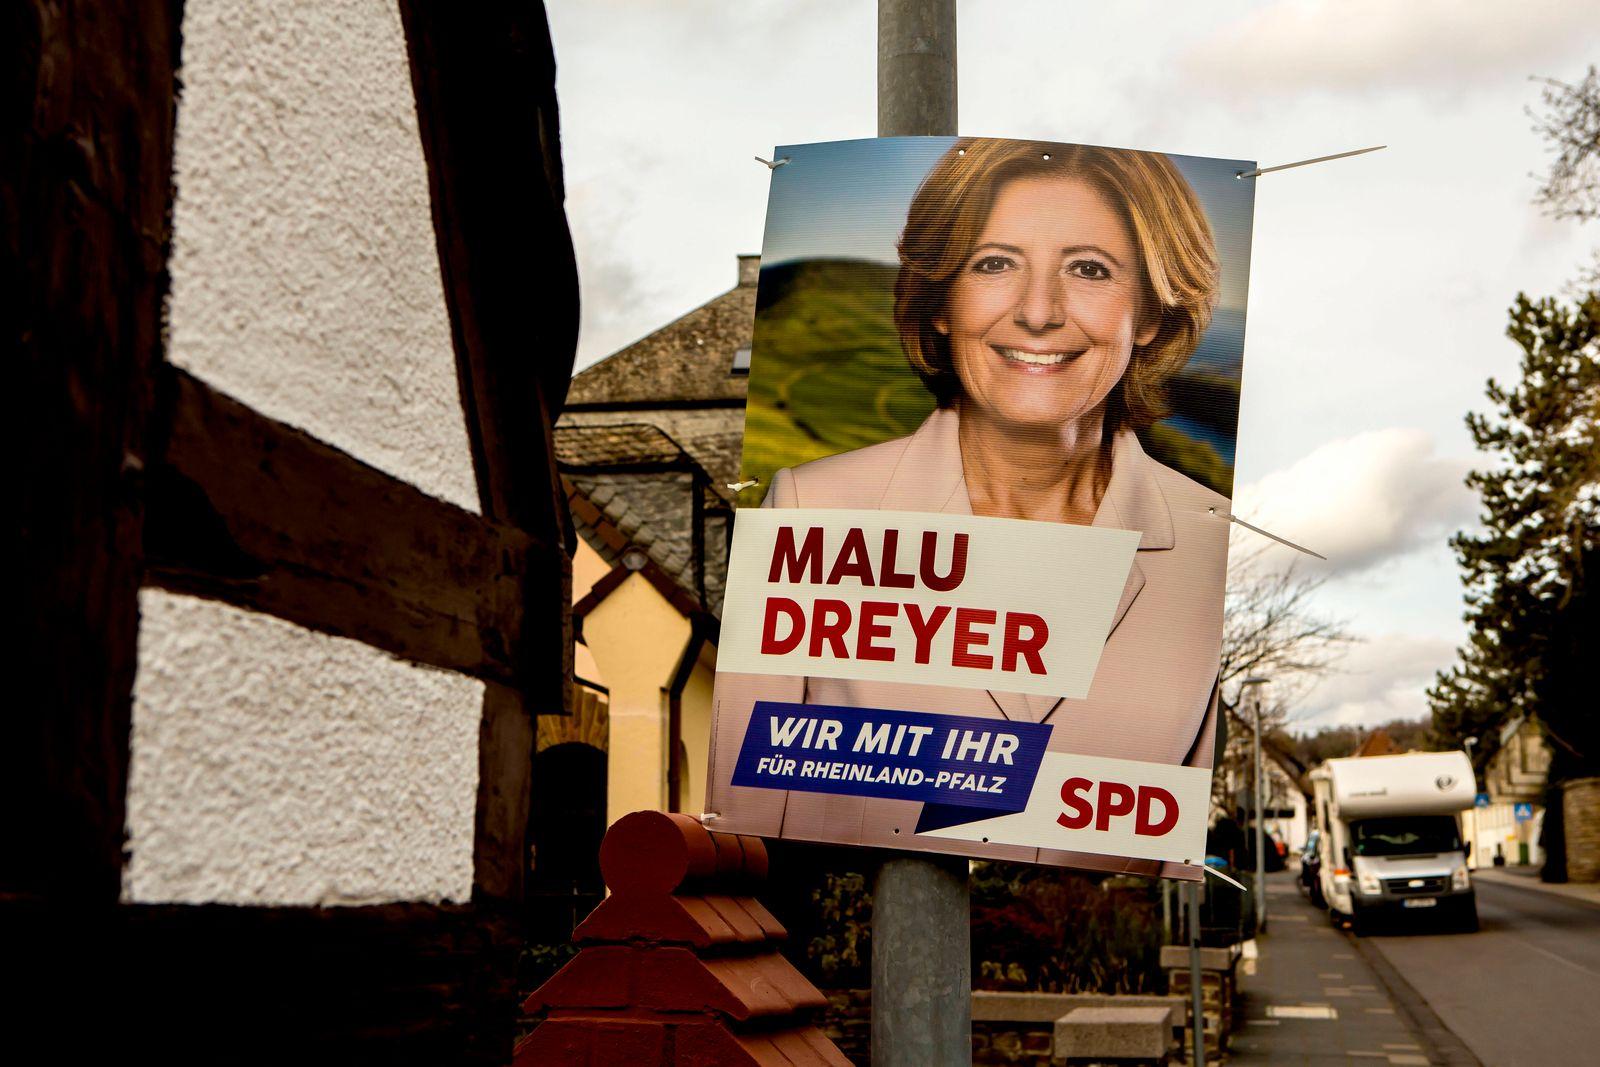 Wahlplakat zur Landtagswahl 2021 in Erpel ( Kreis Neuwied - Rheinland-Pfalz ). Am 14. März 2021 wird in Rheinland-Pfalz